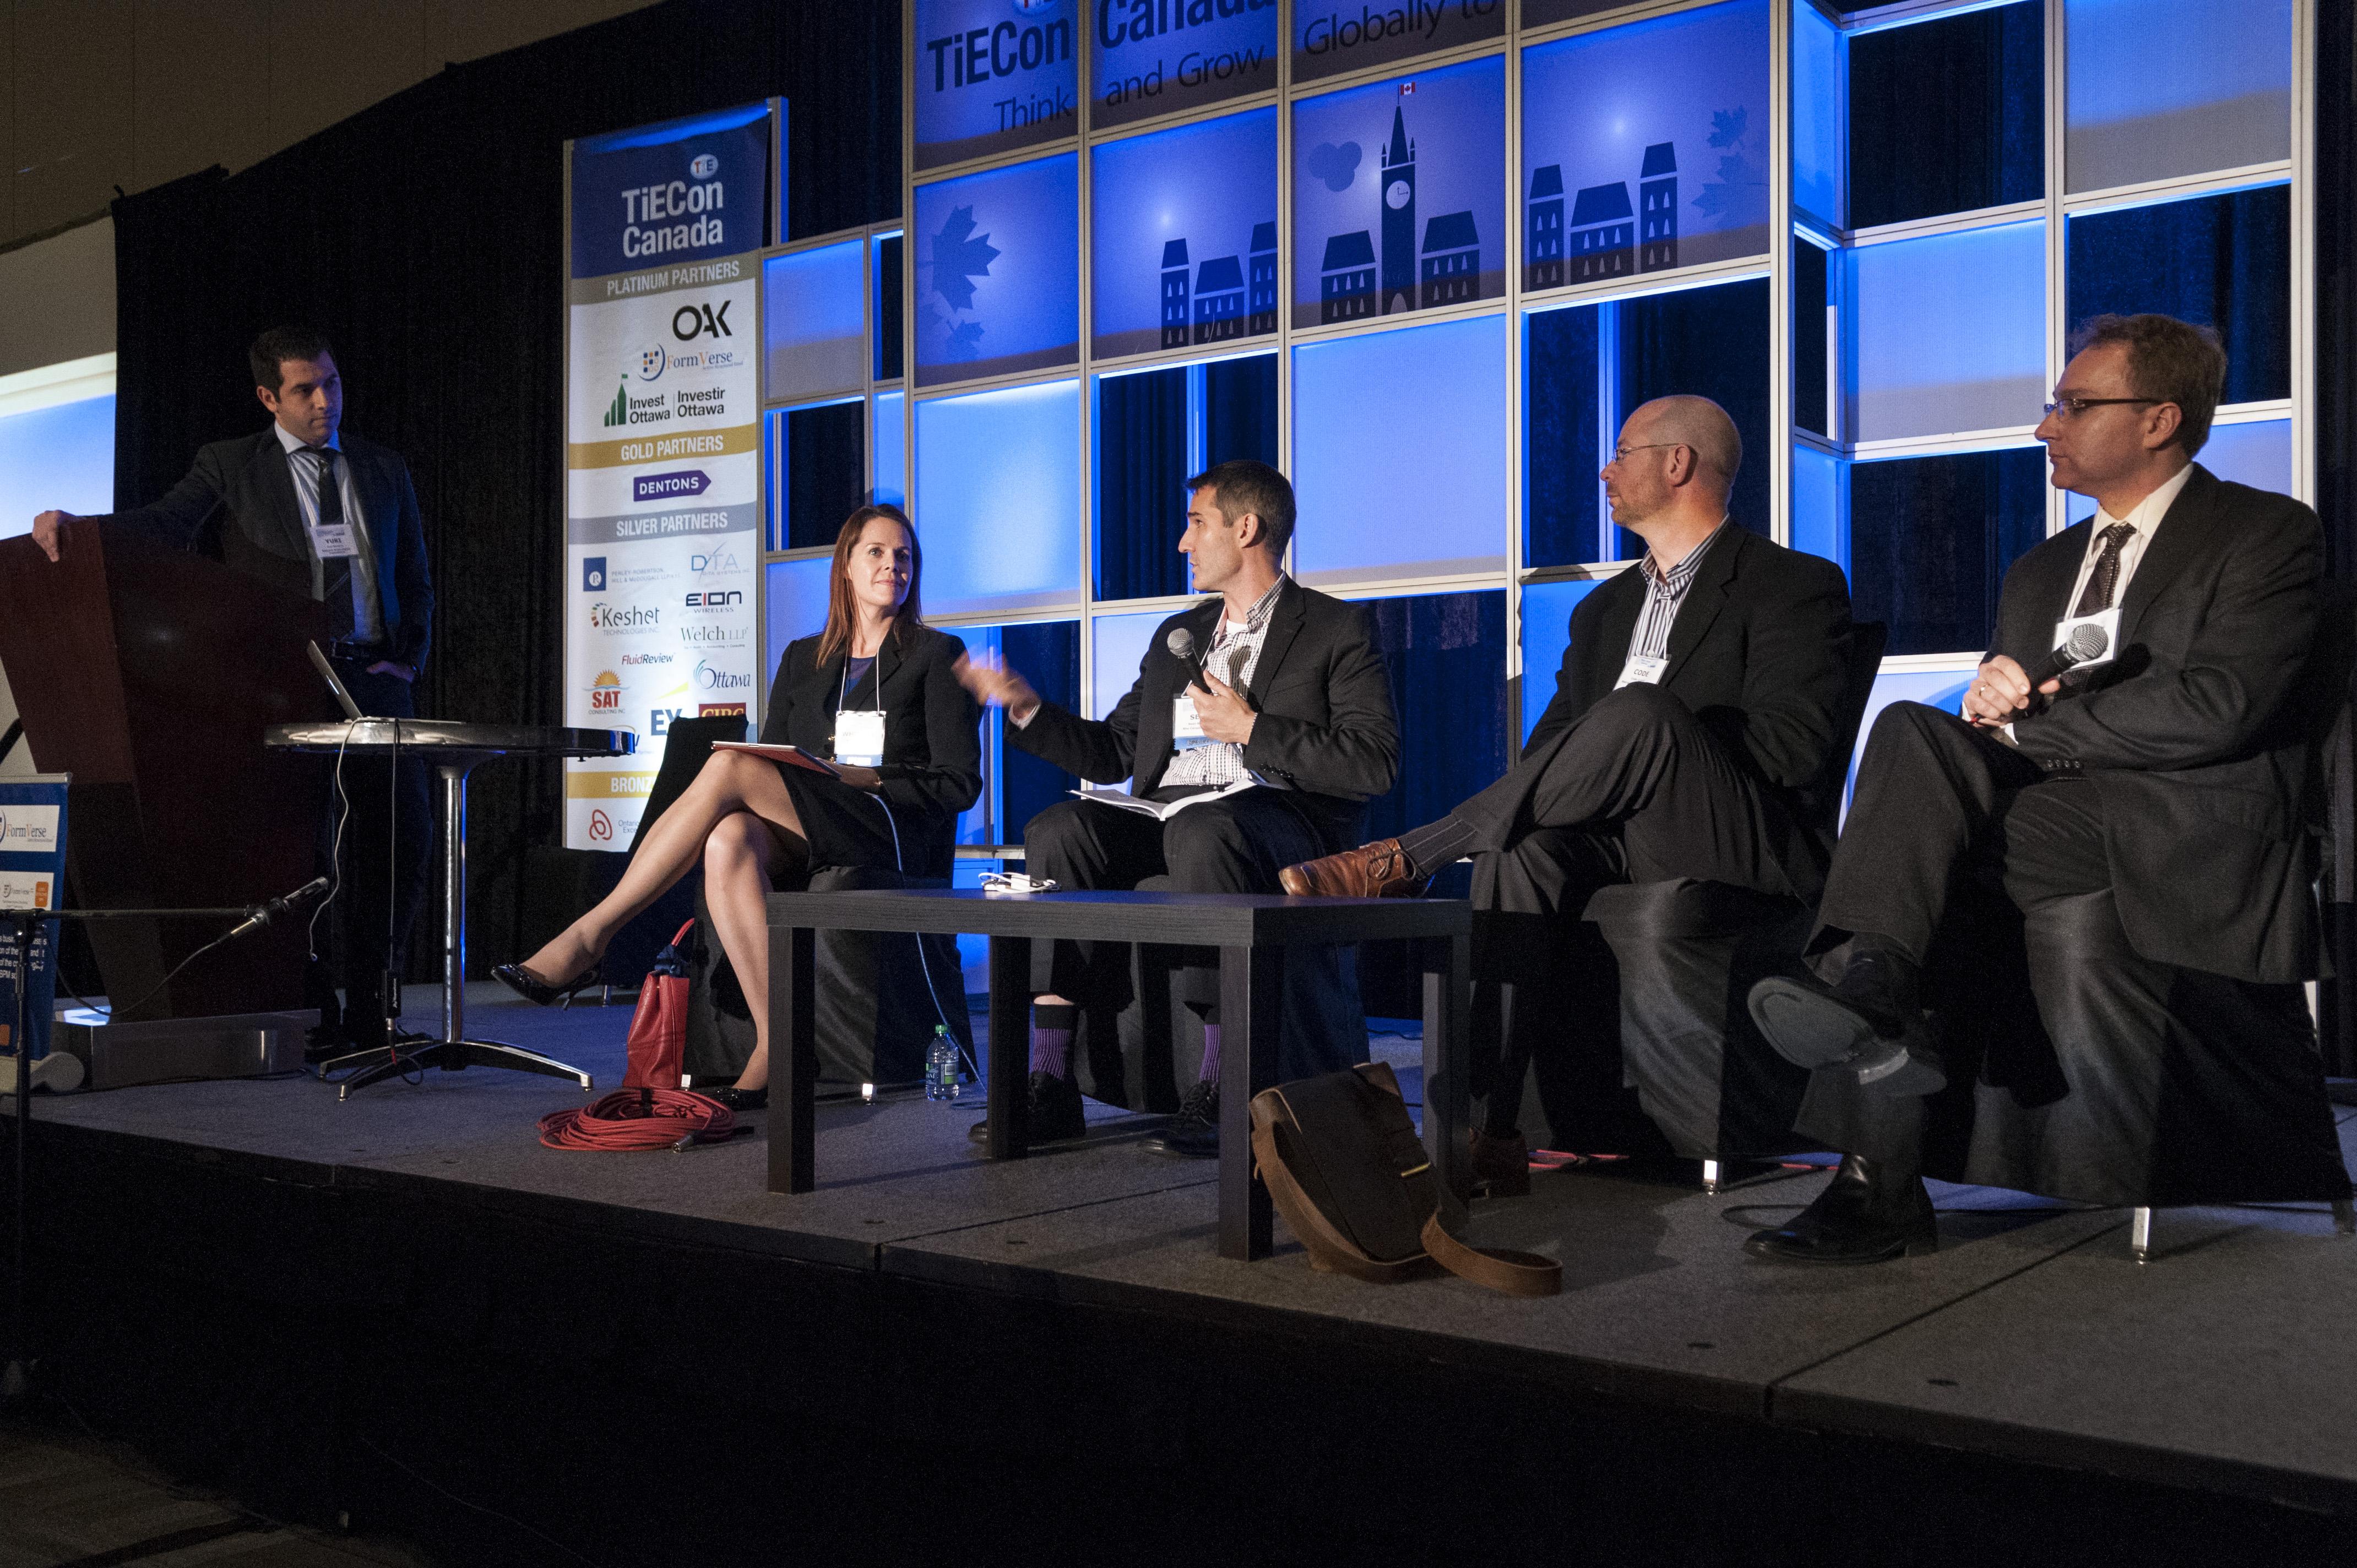 TiECon 2014 Panel